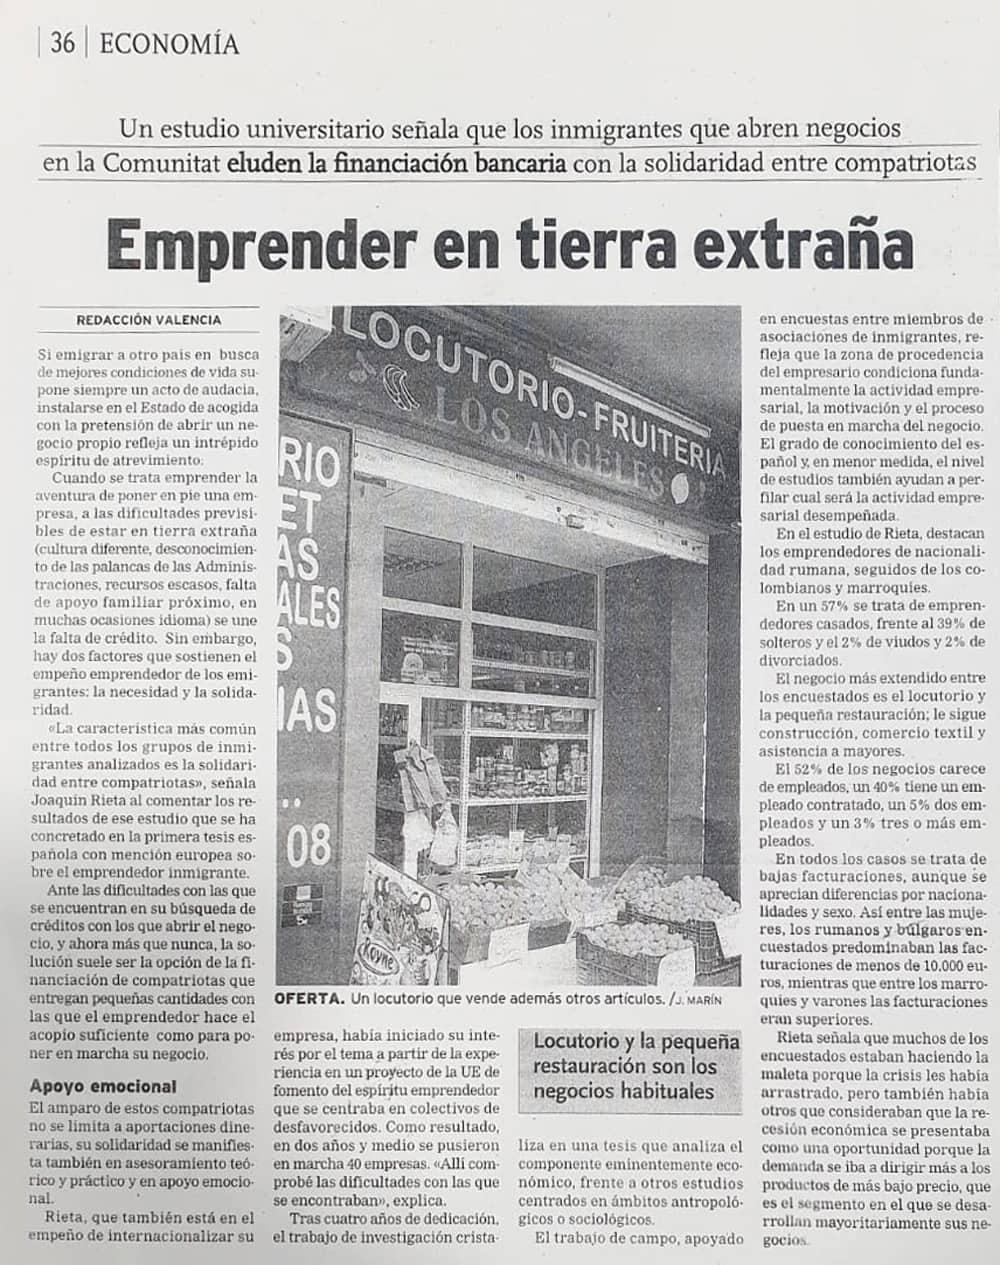 Comportamiento emprendedor del extranjero en España